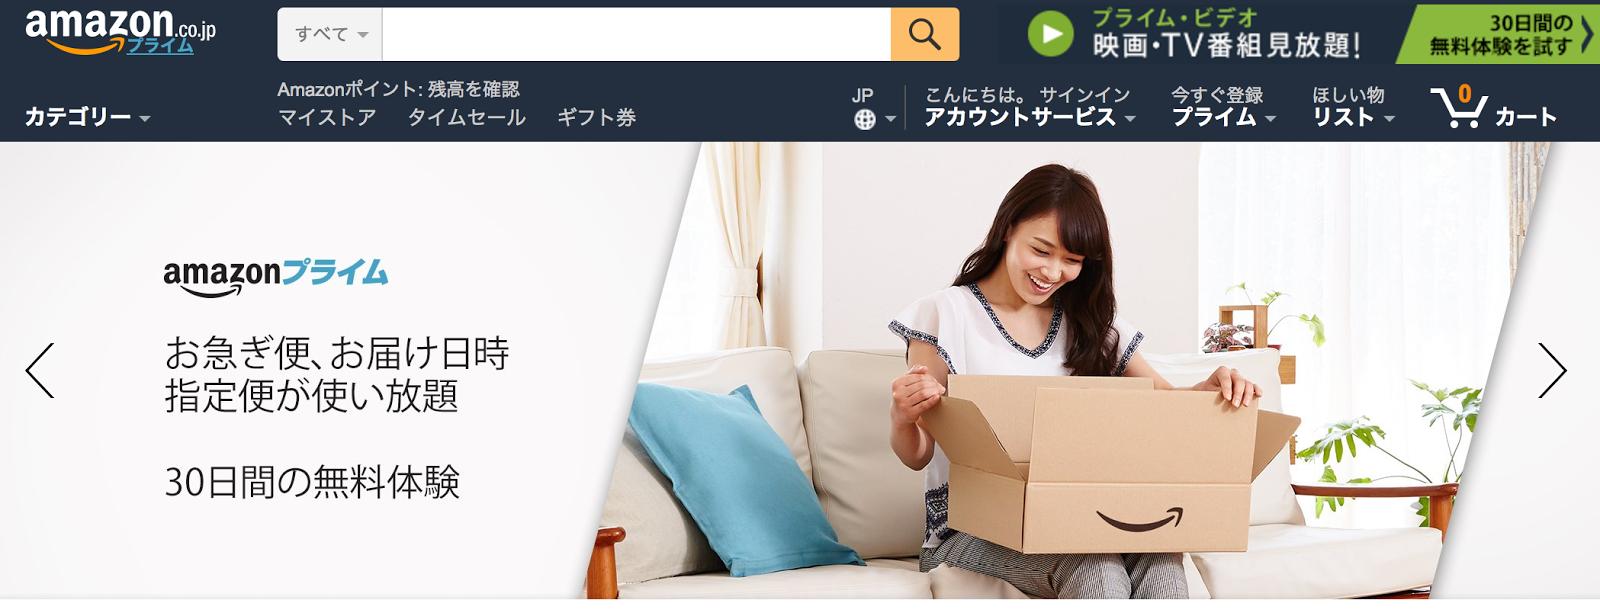 Amazonのマーケットプレイス詐欺に引っかかっ …